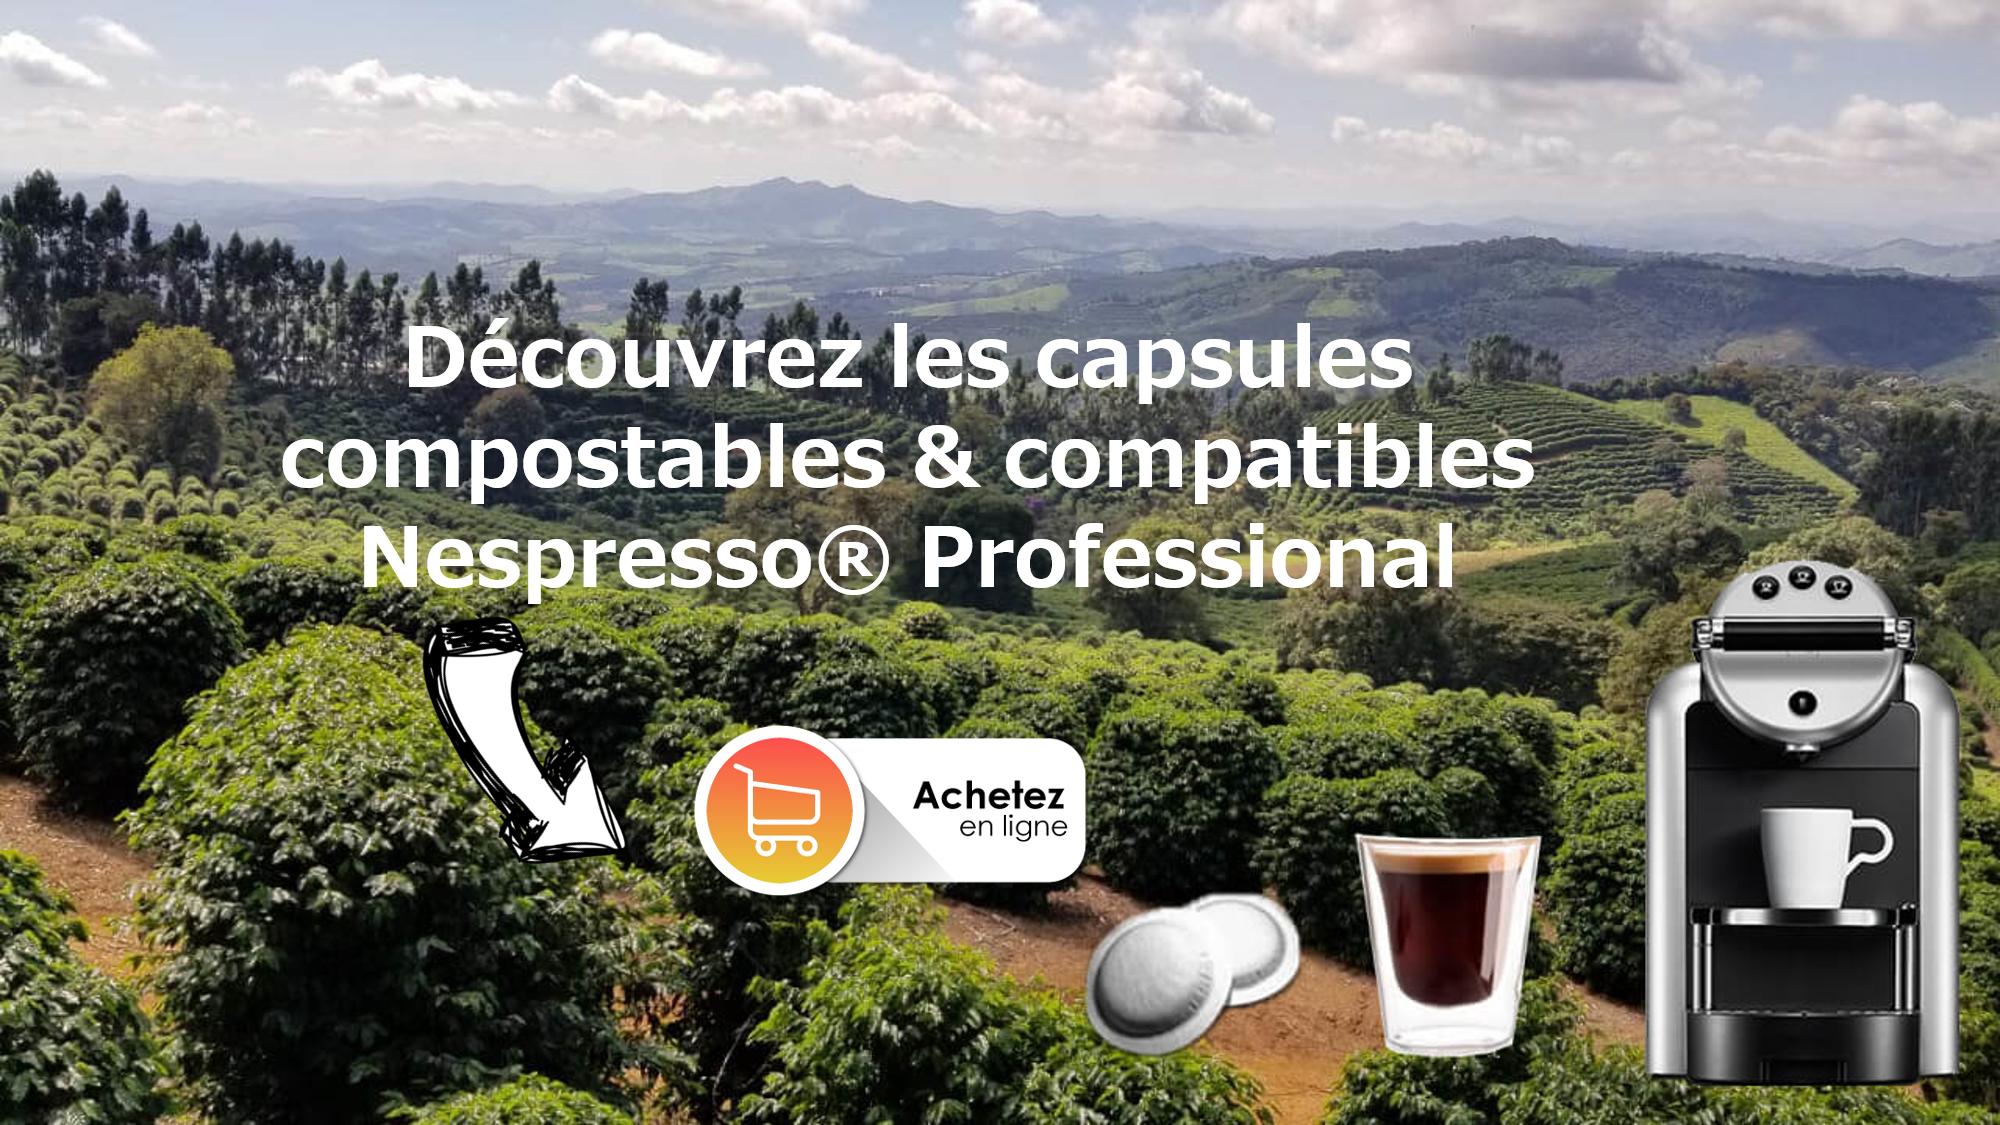 capsules café compostables compatibles nespresso professionnel